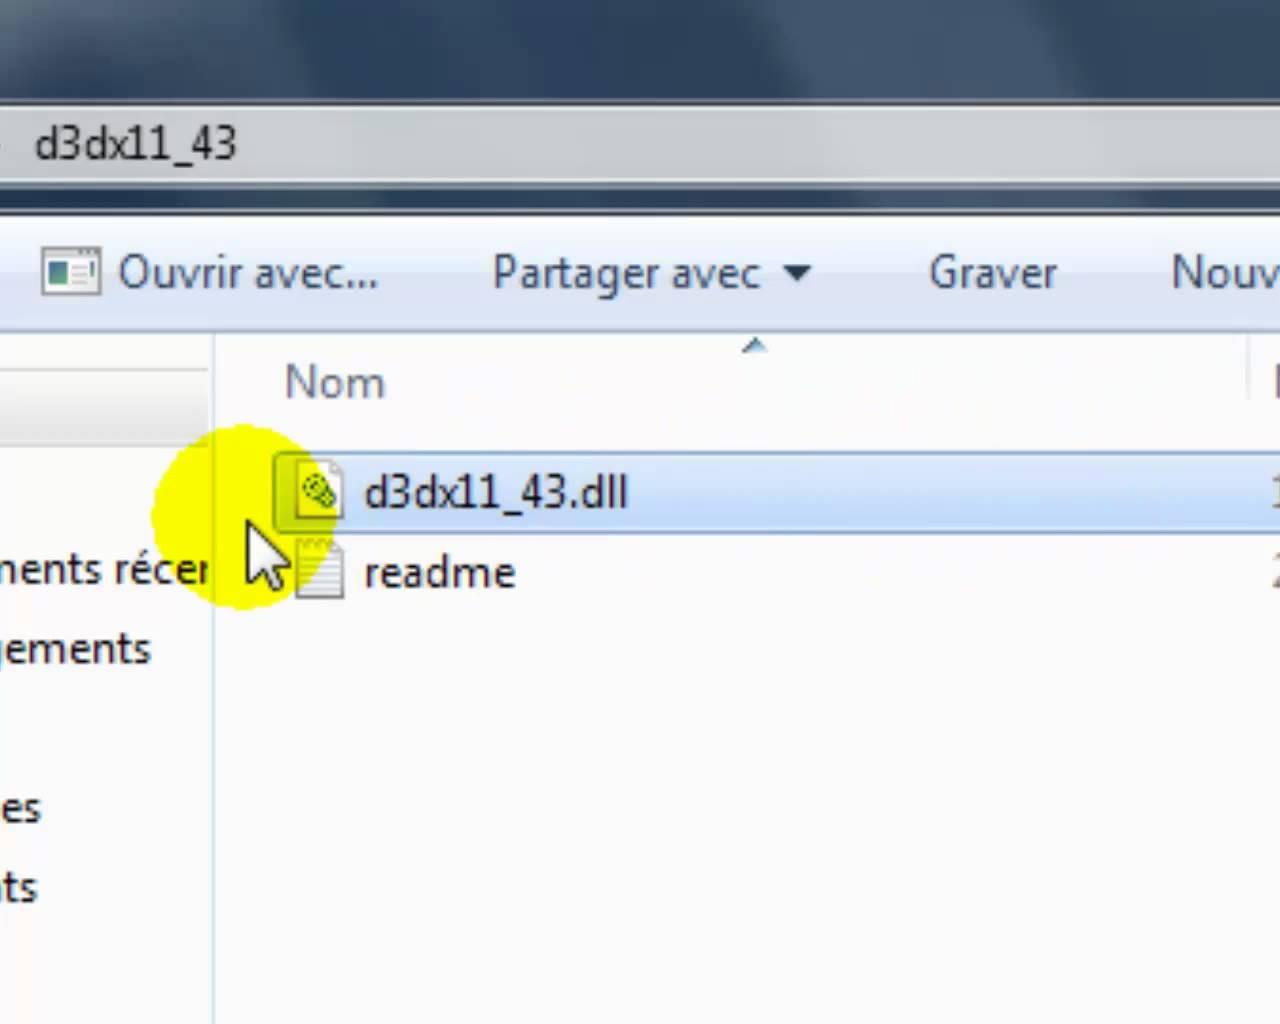 d3dx11 43.dll